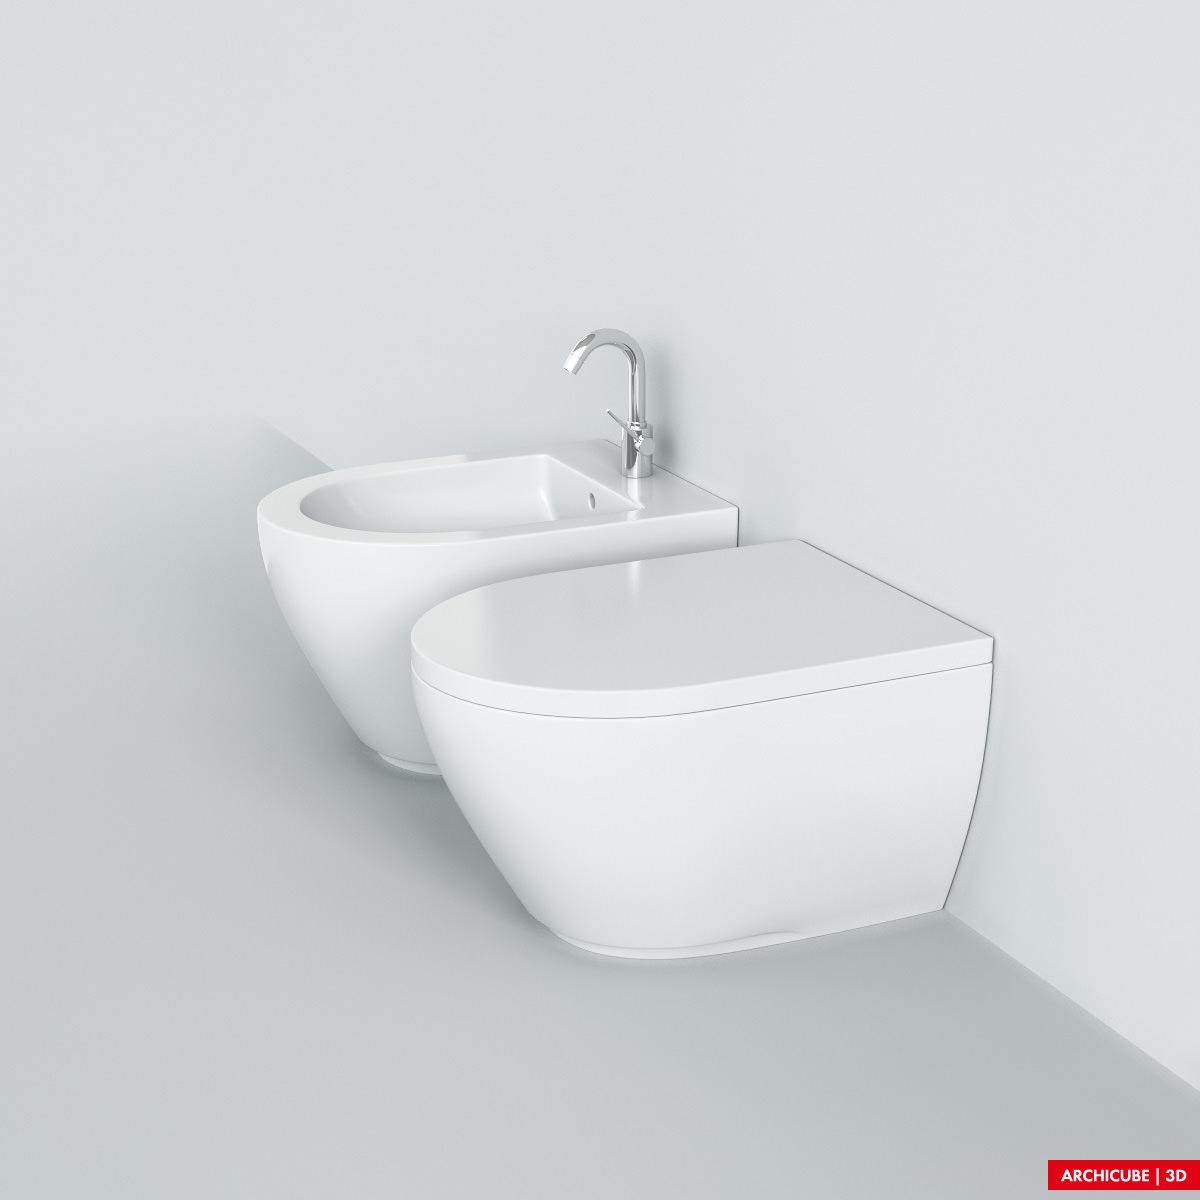 Toilet wc bidet 3d model max obj fbx - Wc model ...